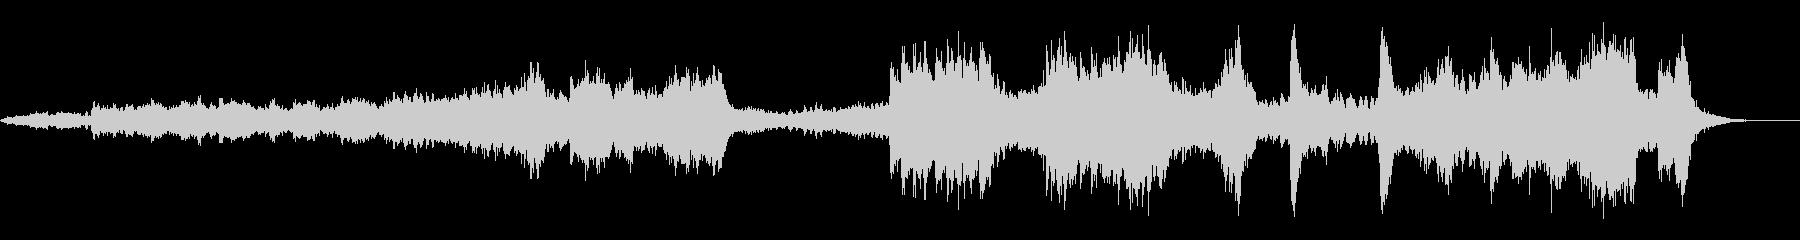 オープニング明るく盛り上がるクラシックMの未再生の波形